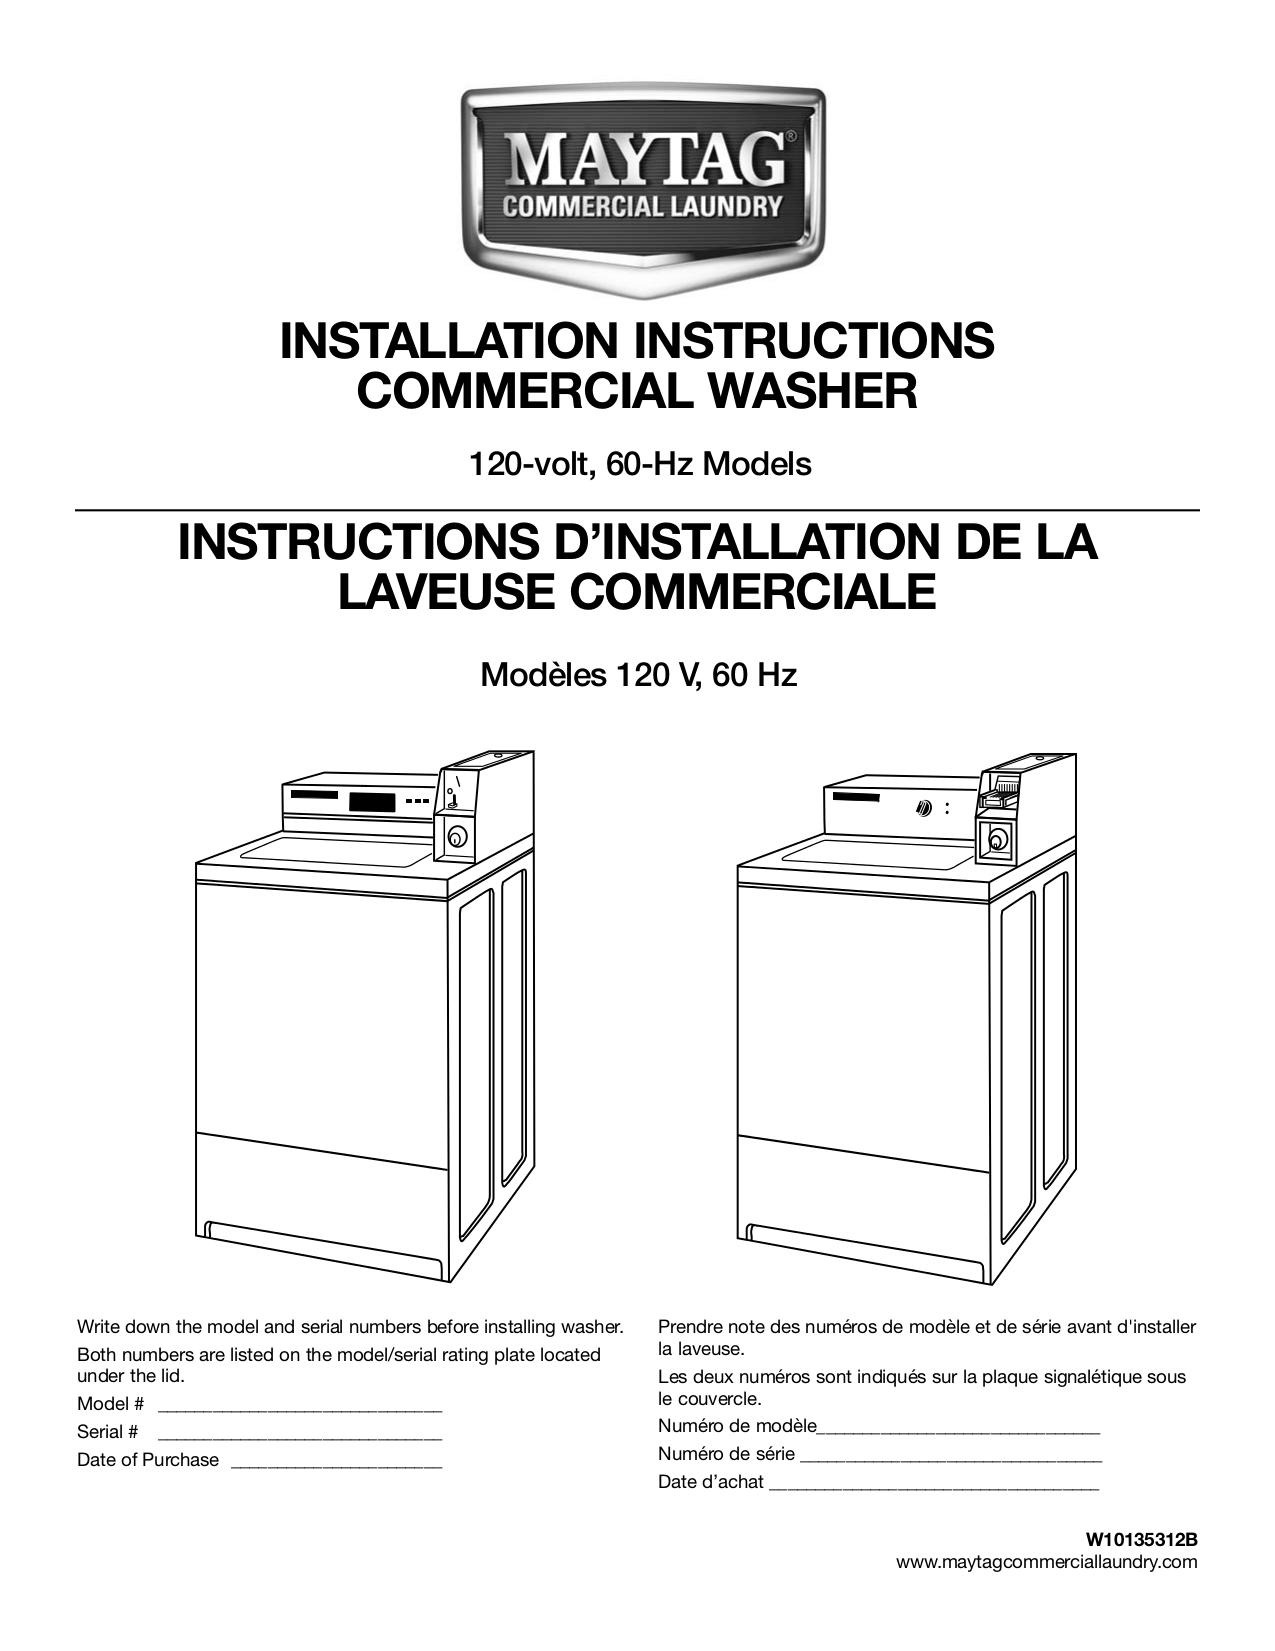 download free pdf for maytag mat14pdaw washer manual rh umlib com maytag washer manual mah5500bww maytag washer manuals online